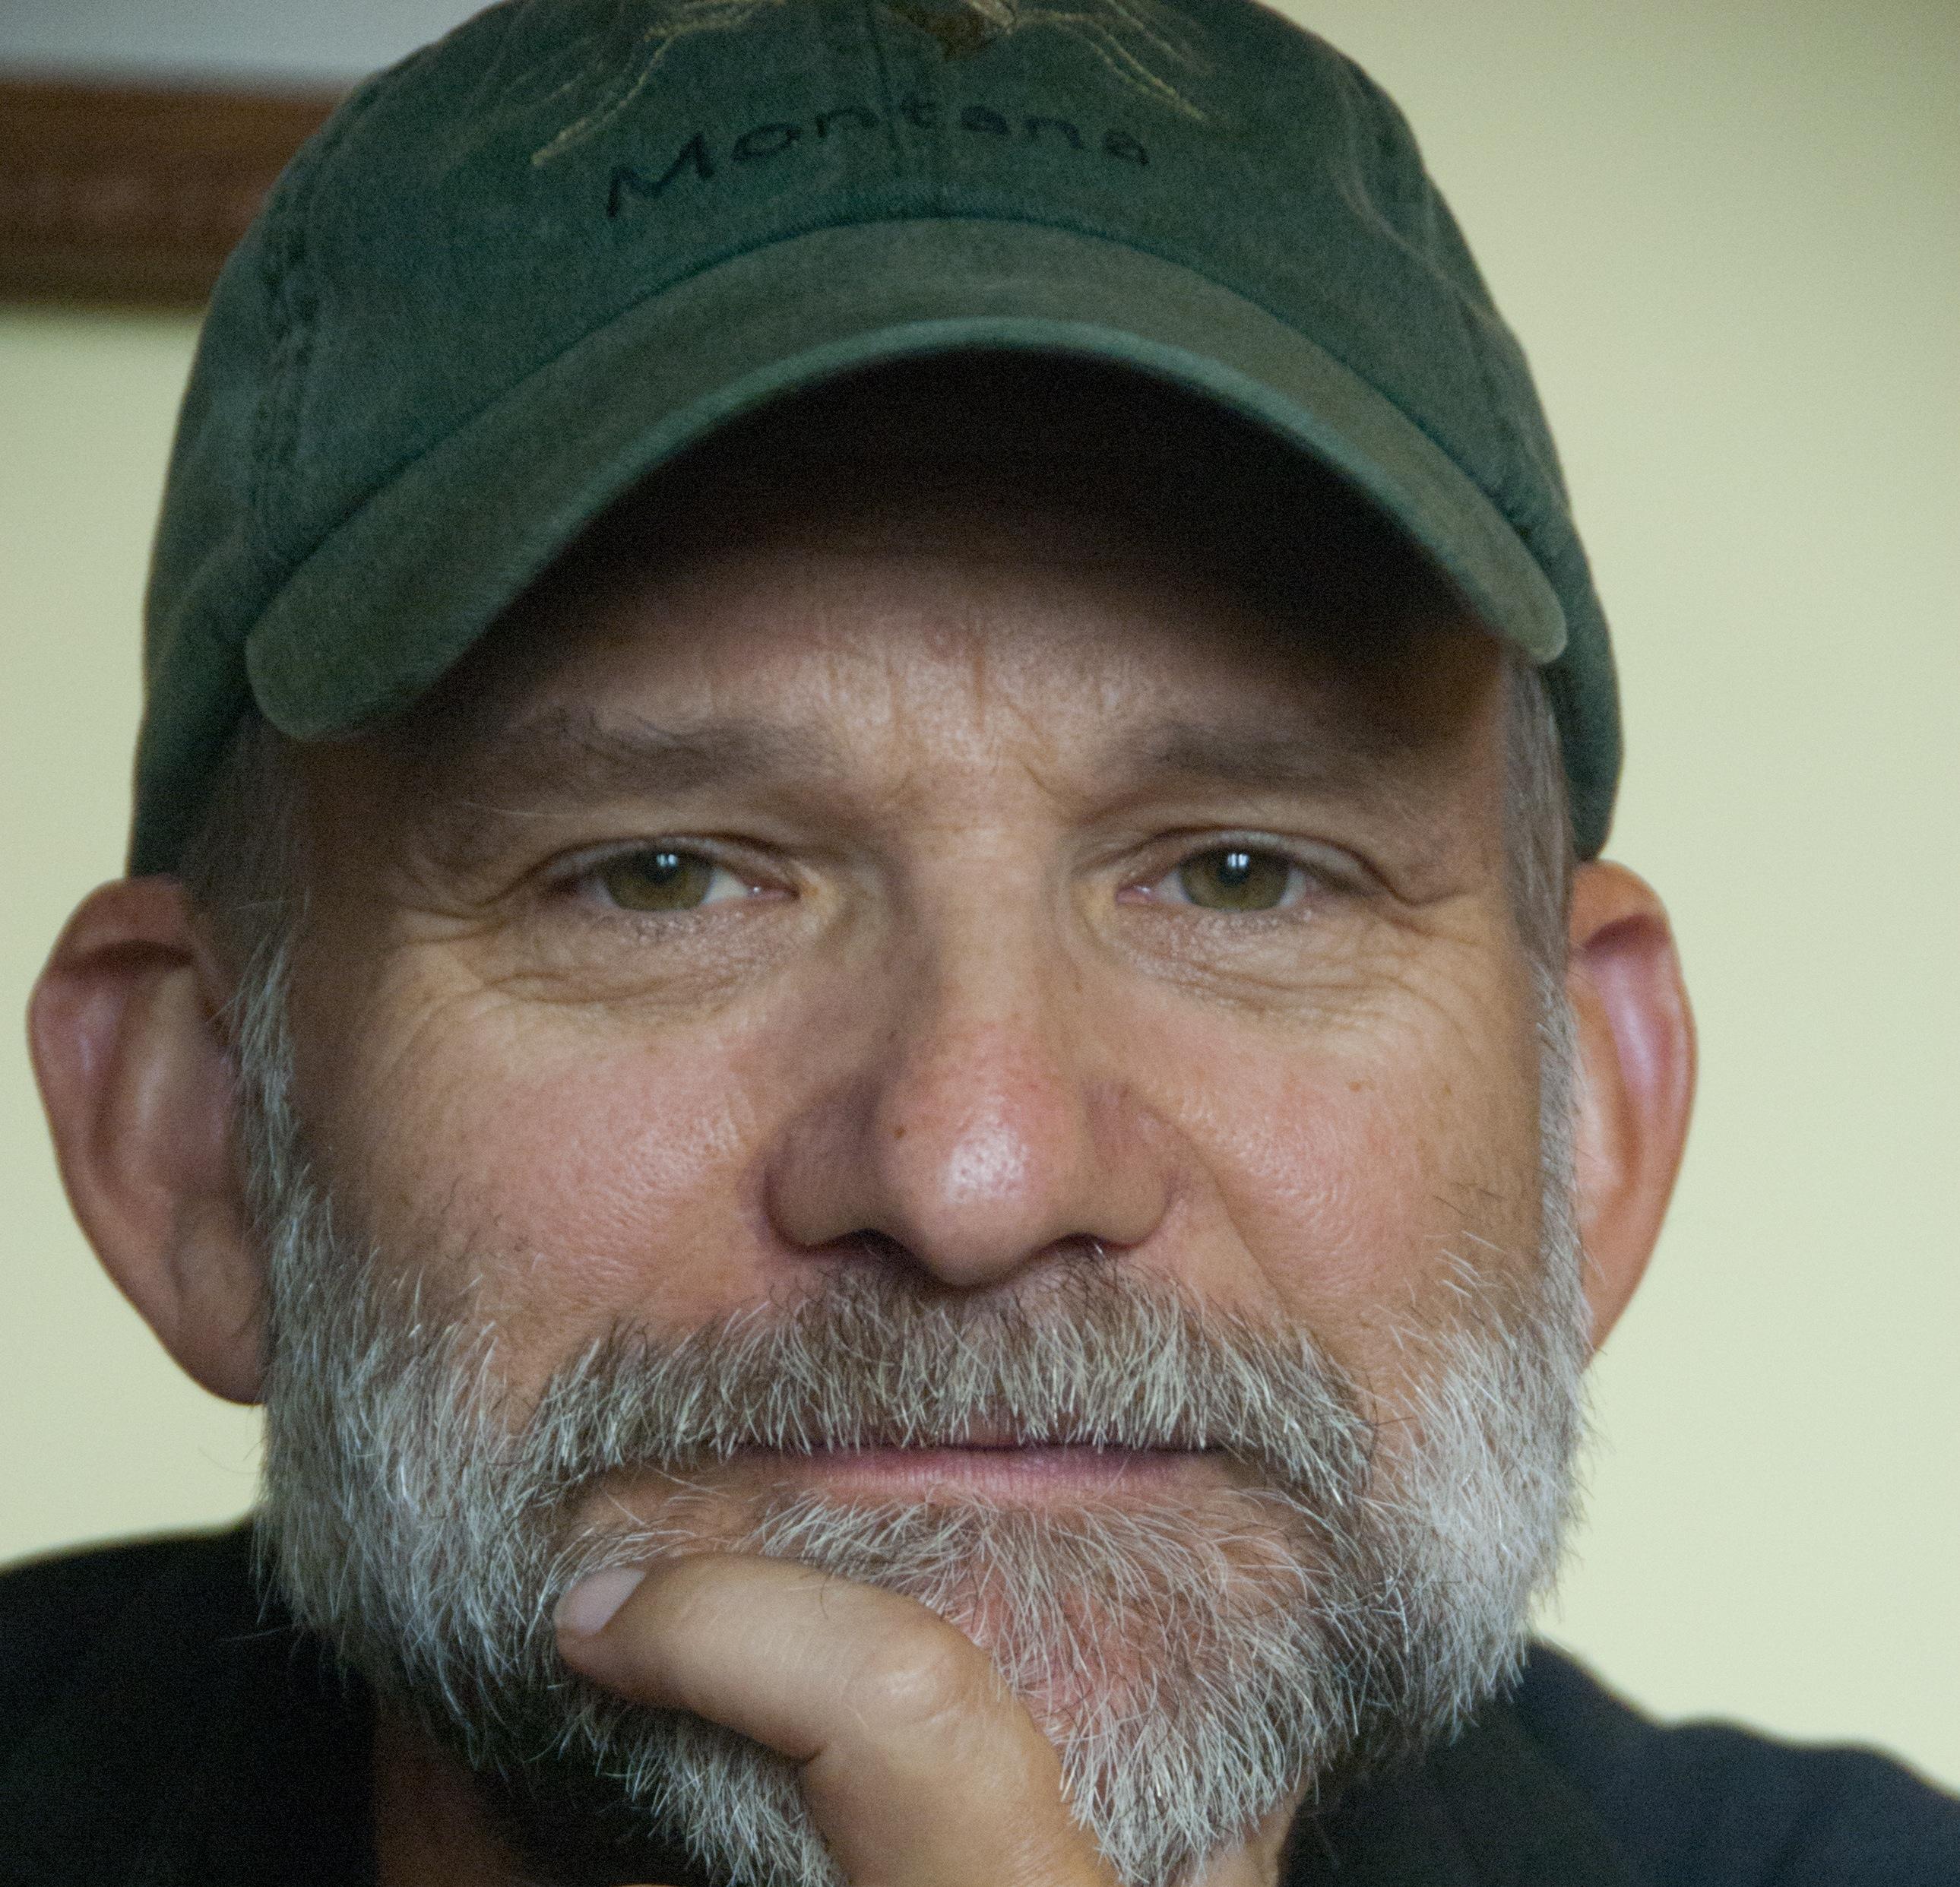 Carl Byker